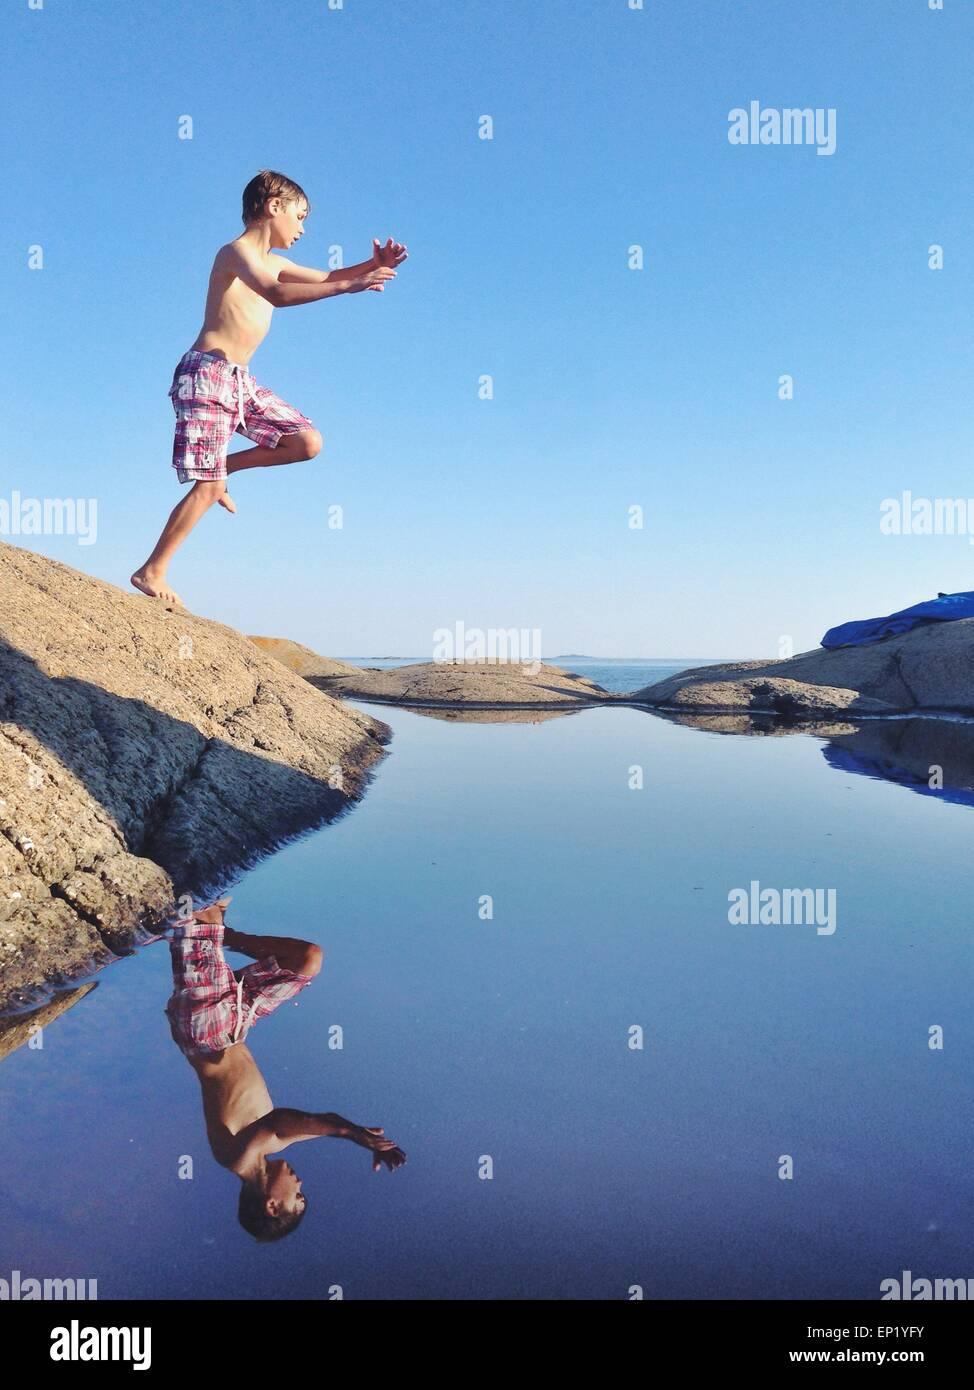 Garçon sautant un rocher dans la mer Photo Stock